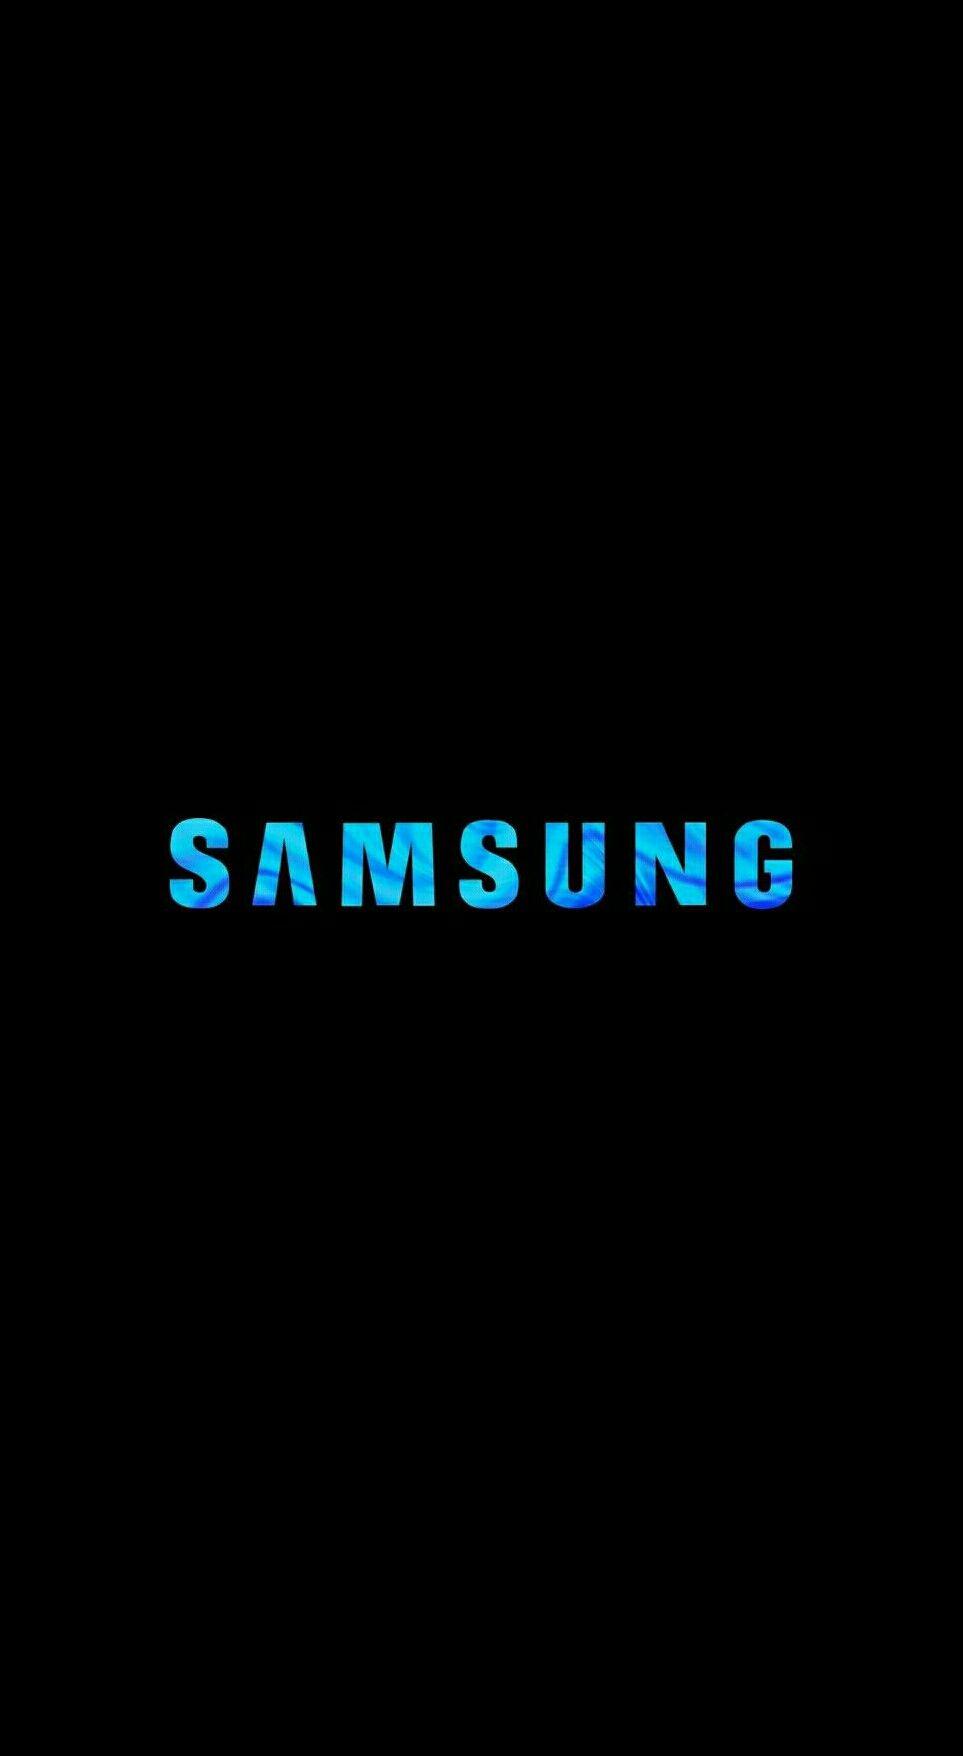 Pin De سعيد عز En Samsung Wallpaper Fondo De Pantalla De Samsung Fondo De Pantalla Samsung Fondos De Pantalla Noche